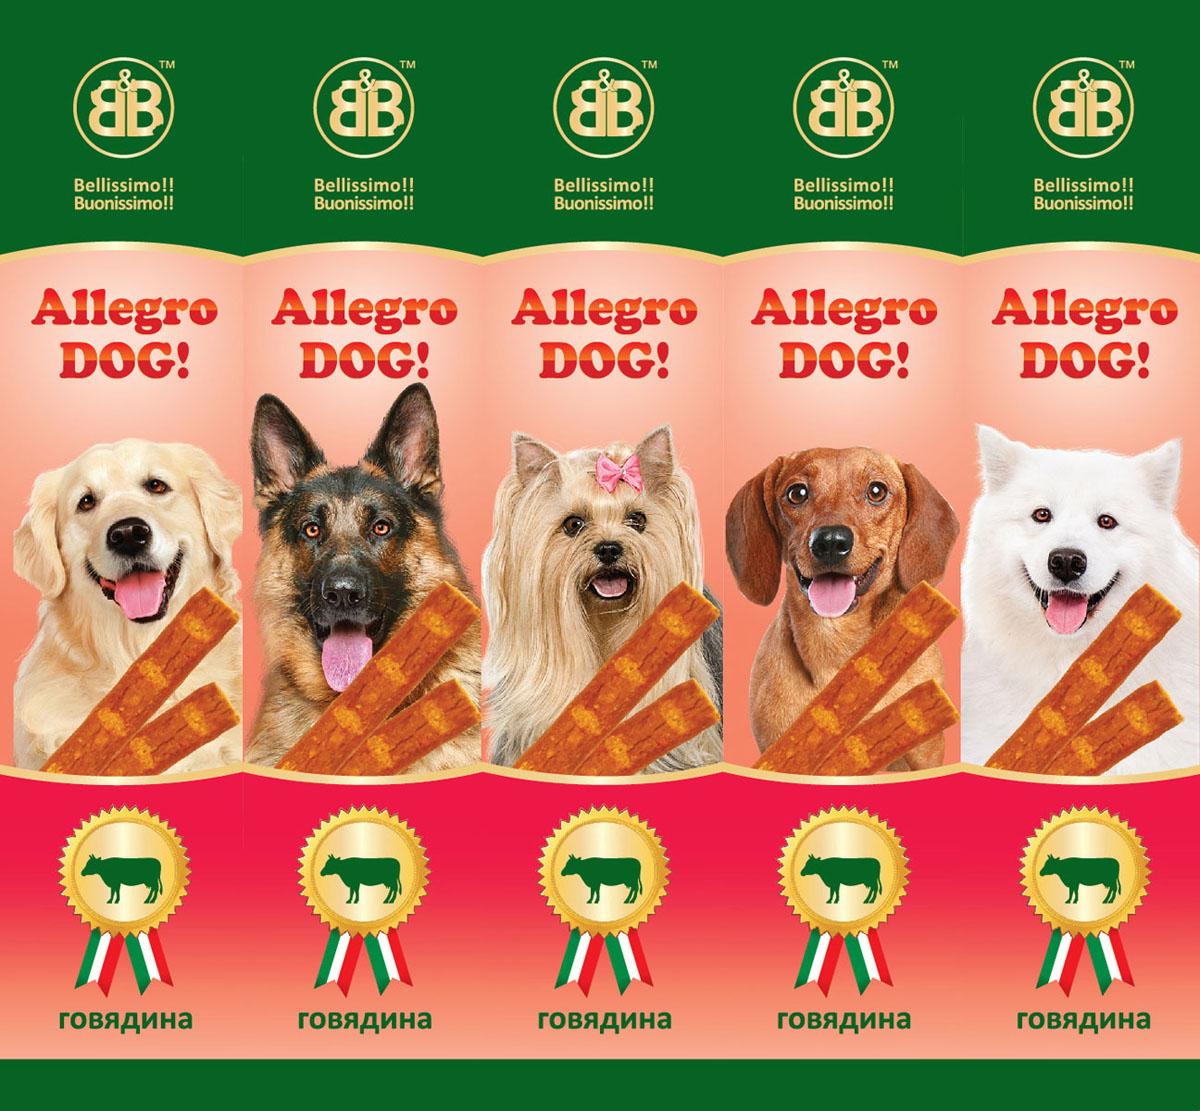 """Лакомство для собак B&B """"Колбаски Allegro Dog"""", говядина, 5х10 г"""